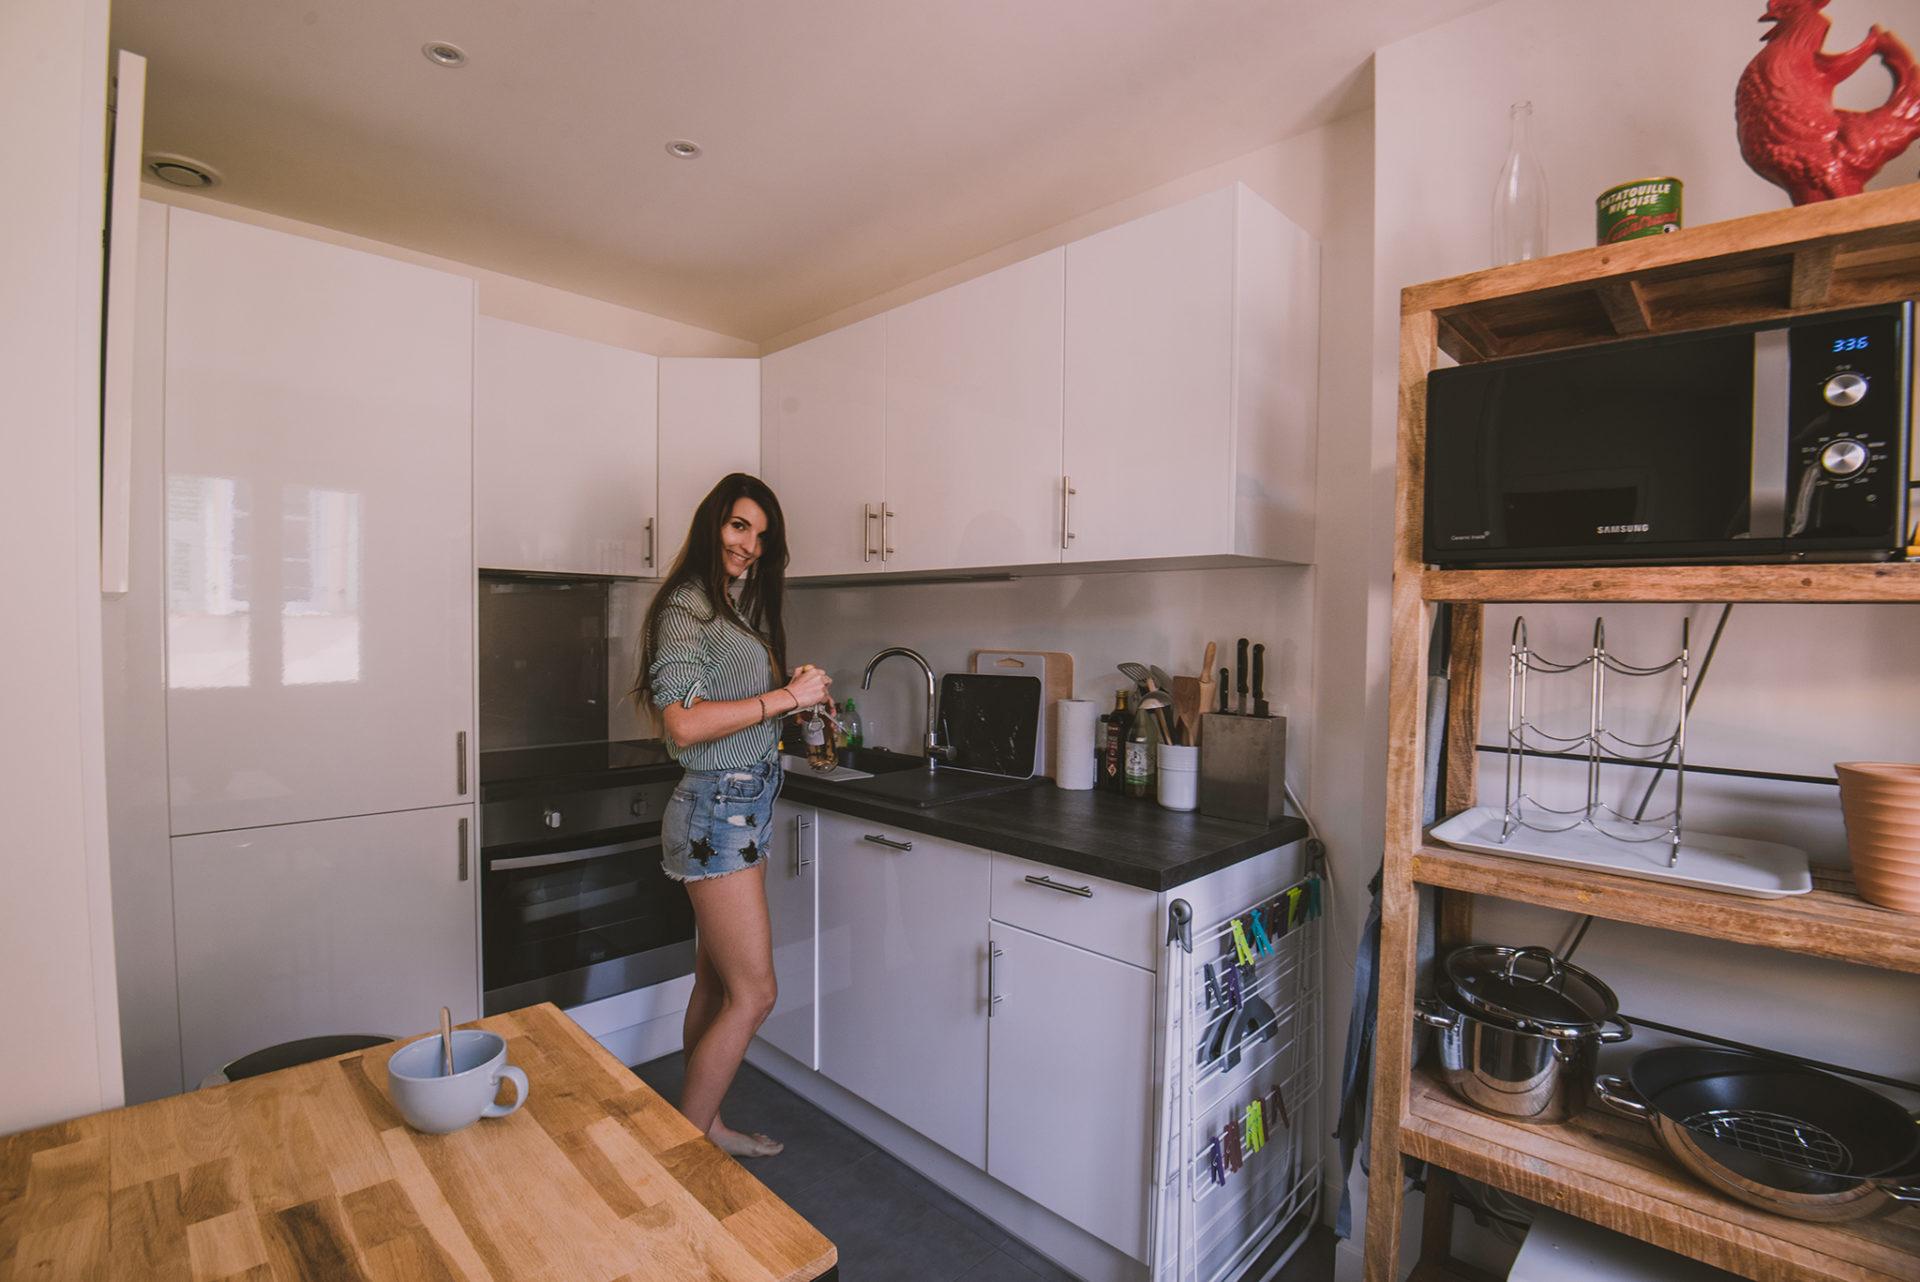 Airbnb conciergerie